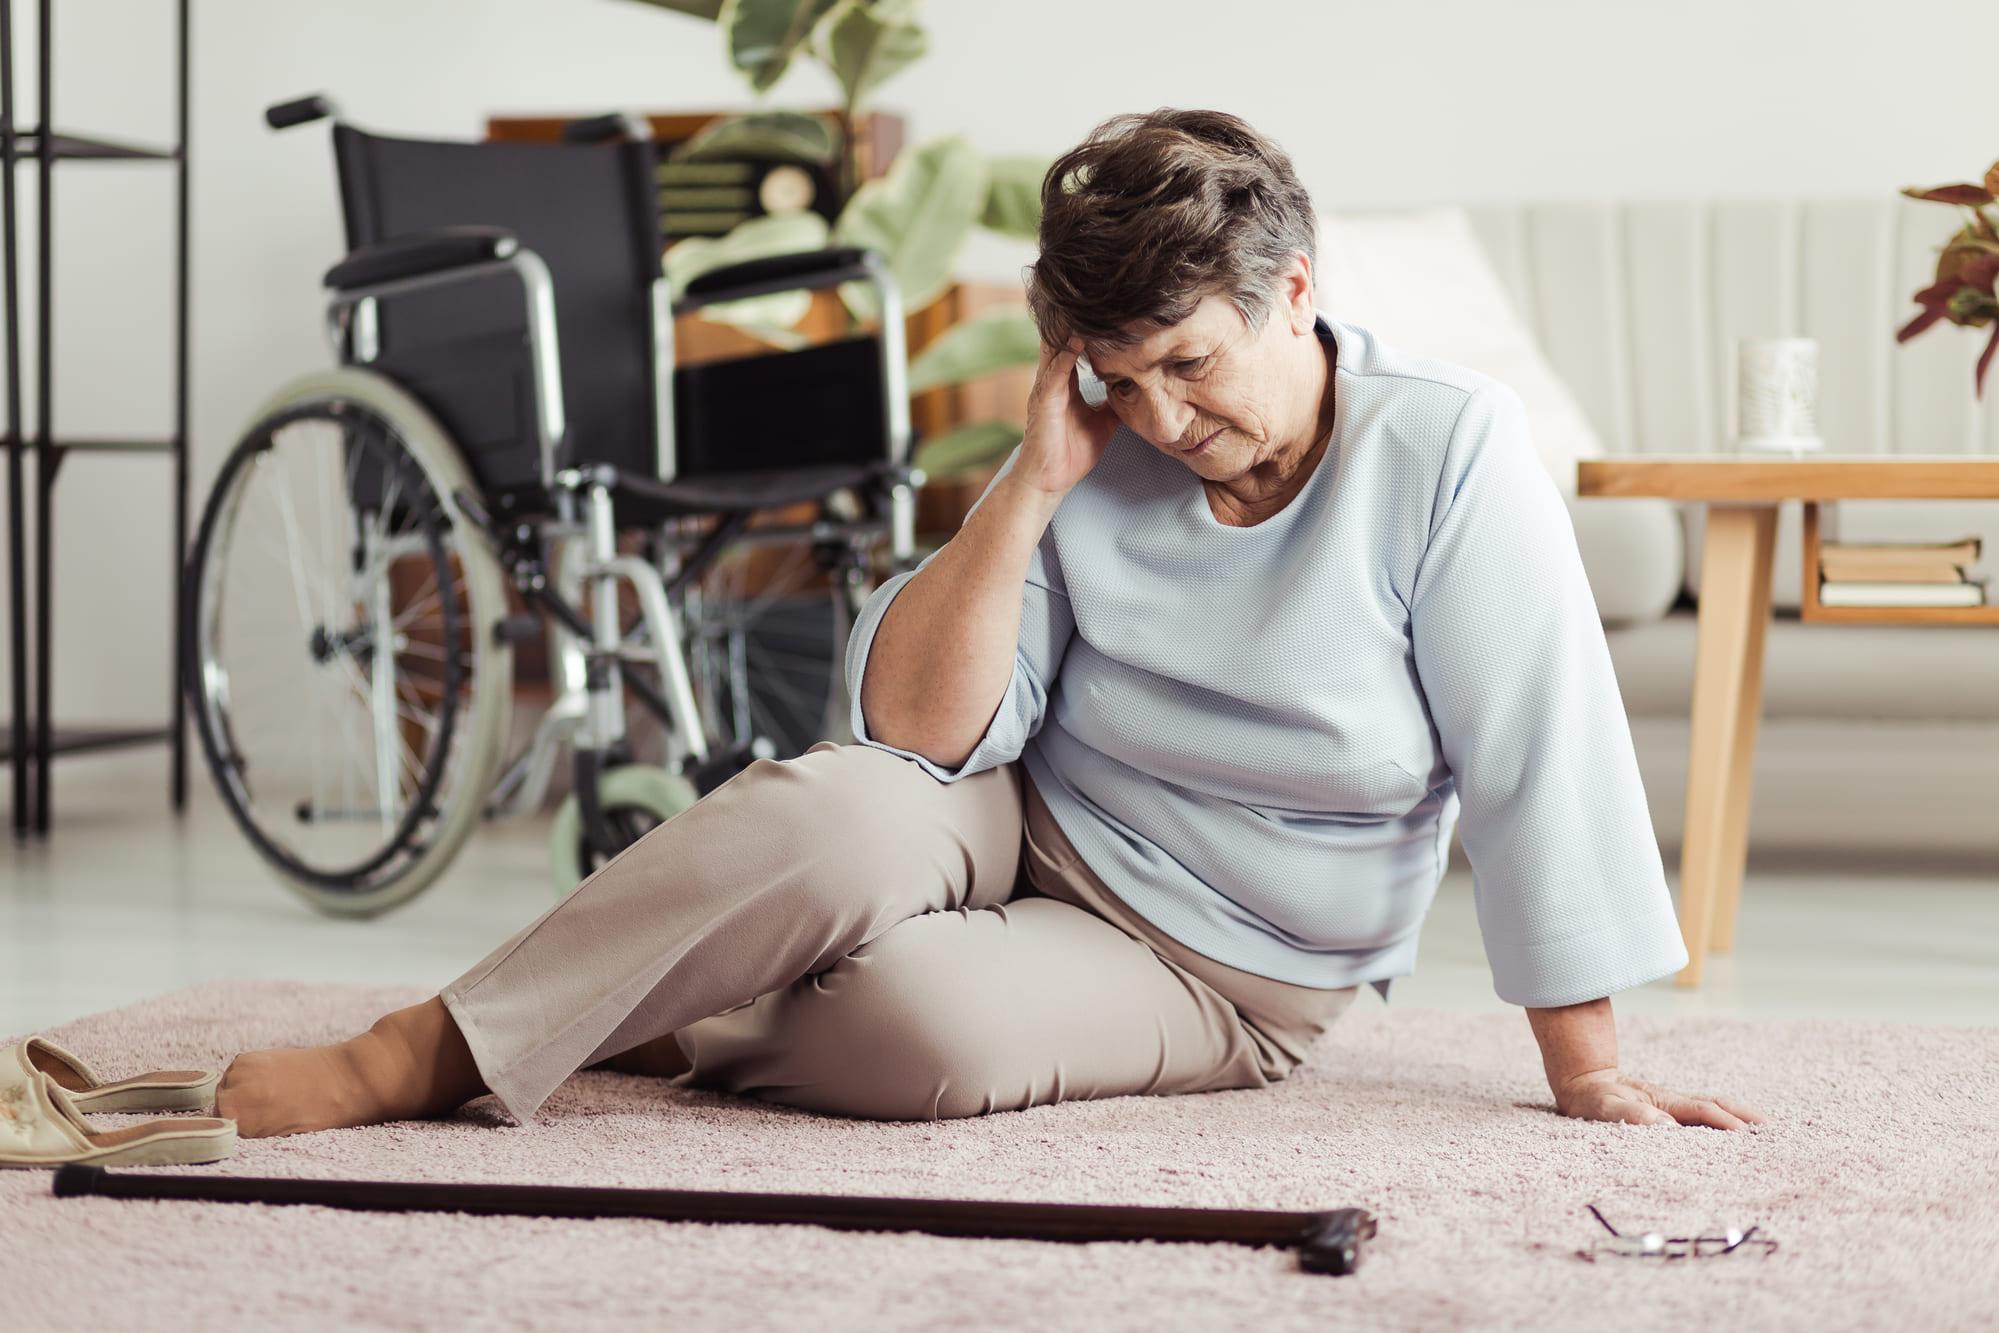 Principais causas de quedas de idosos - Blog Morada do Sol